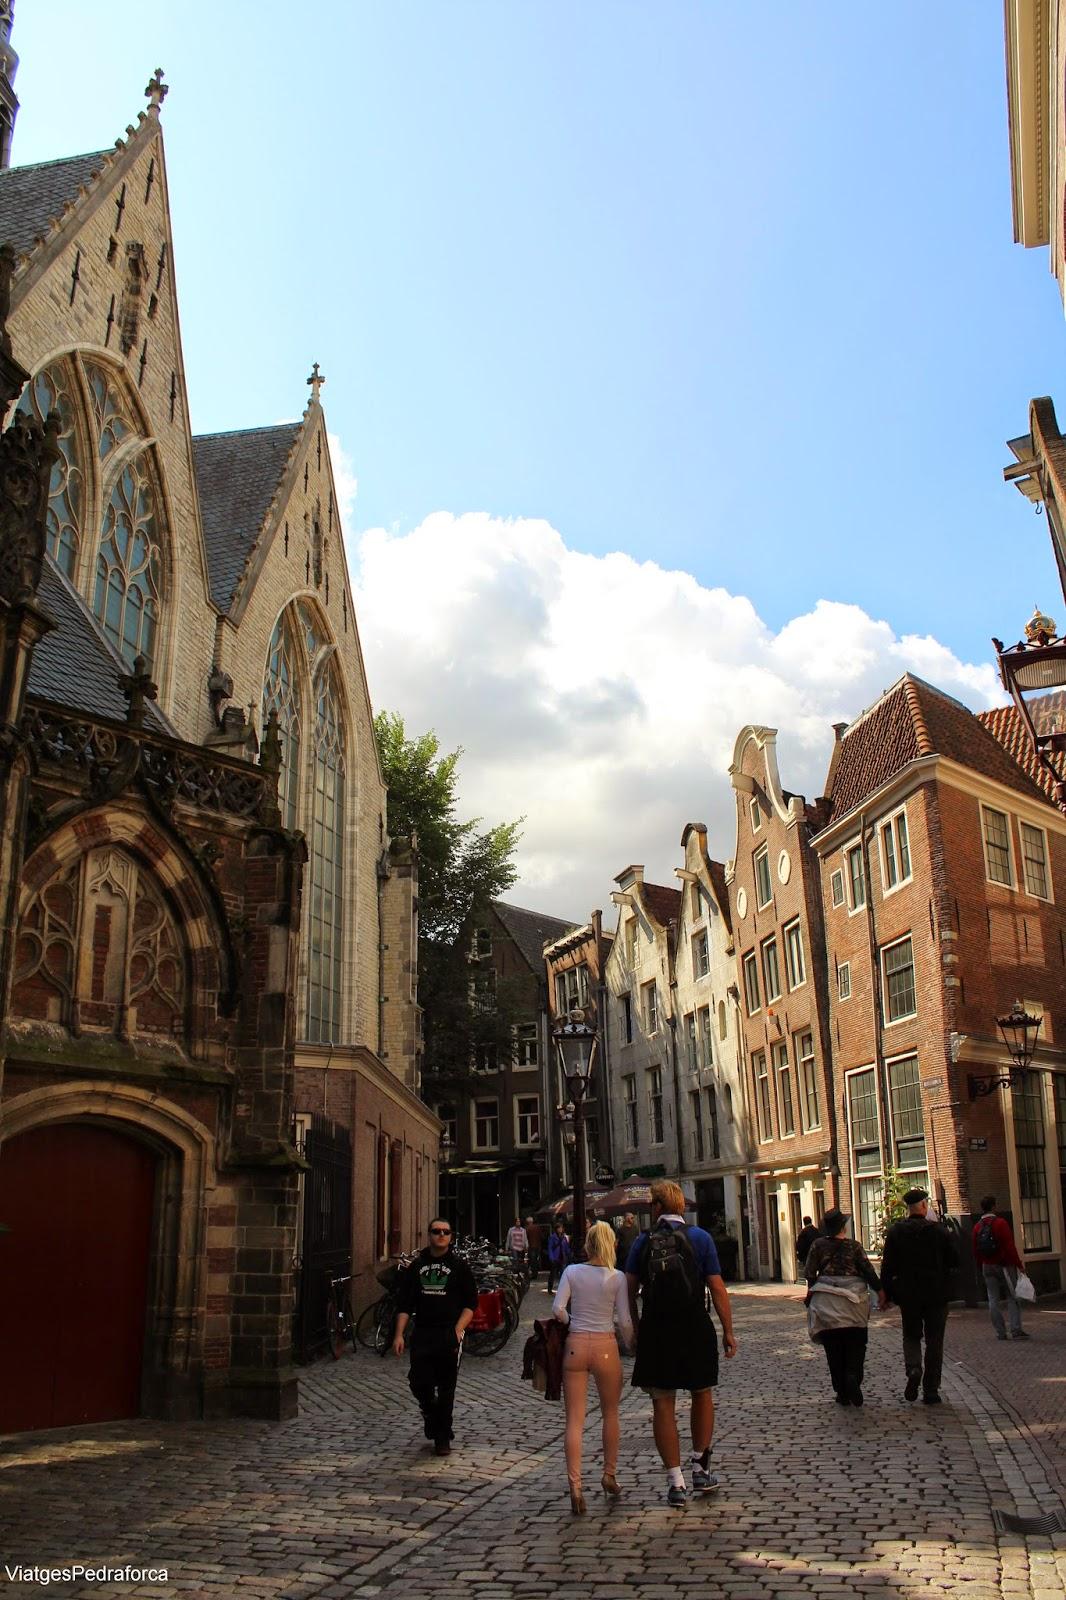 Oude Kerk, Amsterdam Barri Vermell Red Light District Holanda Països Baixos